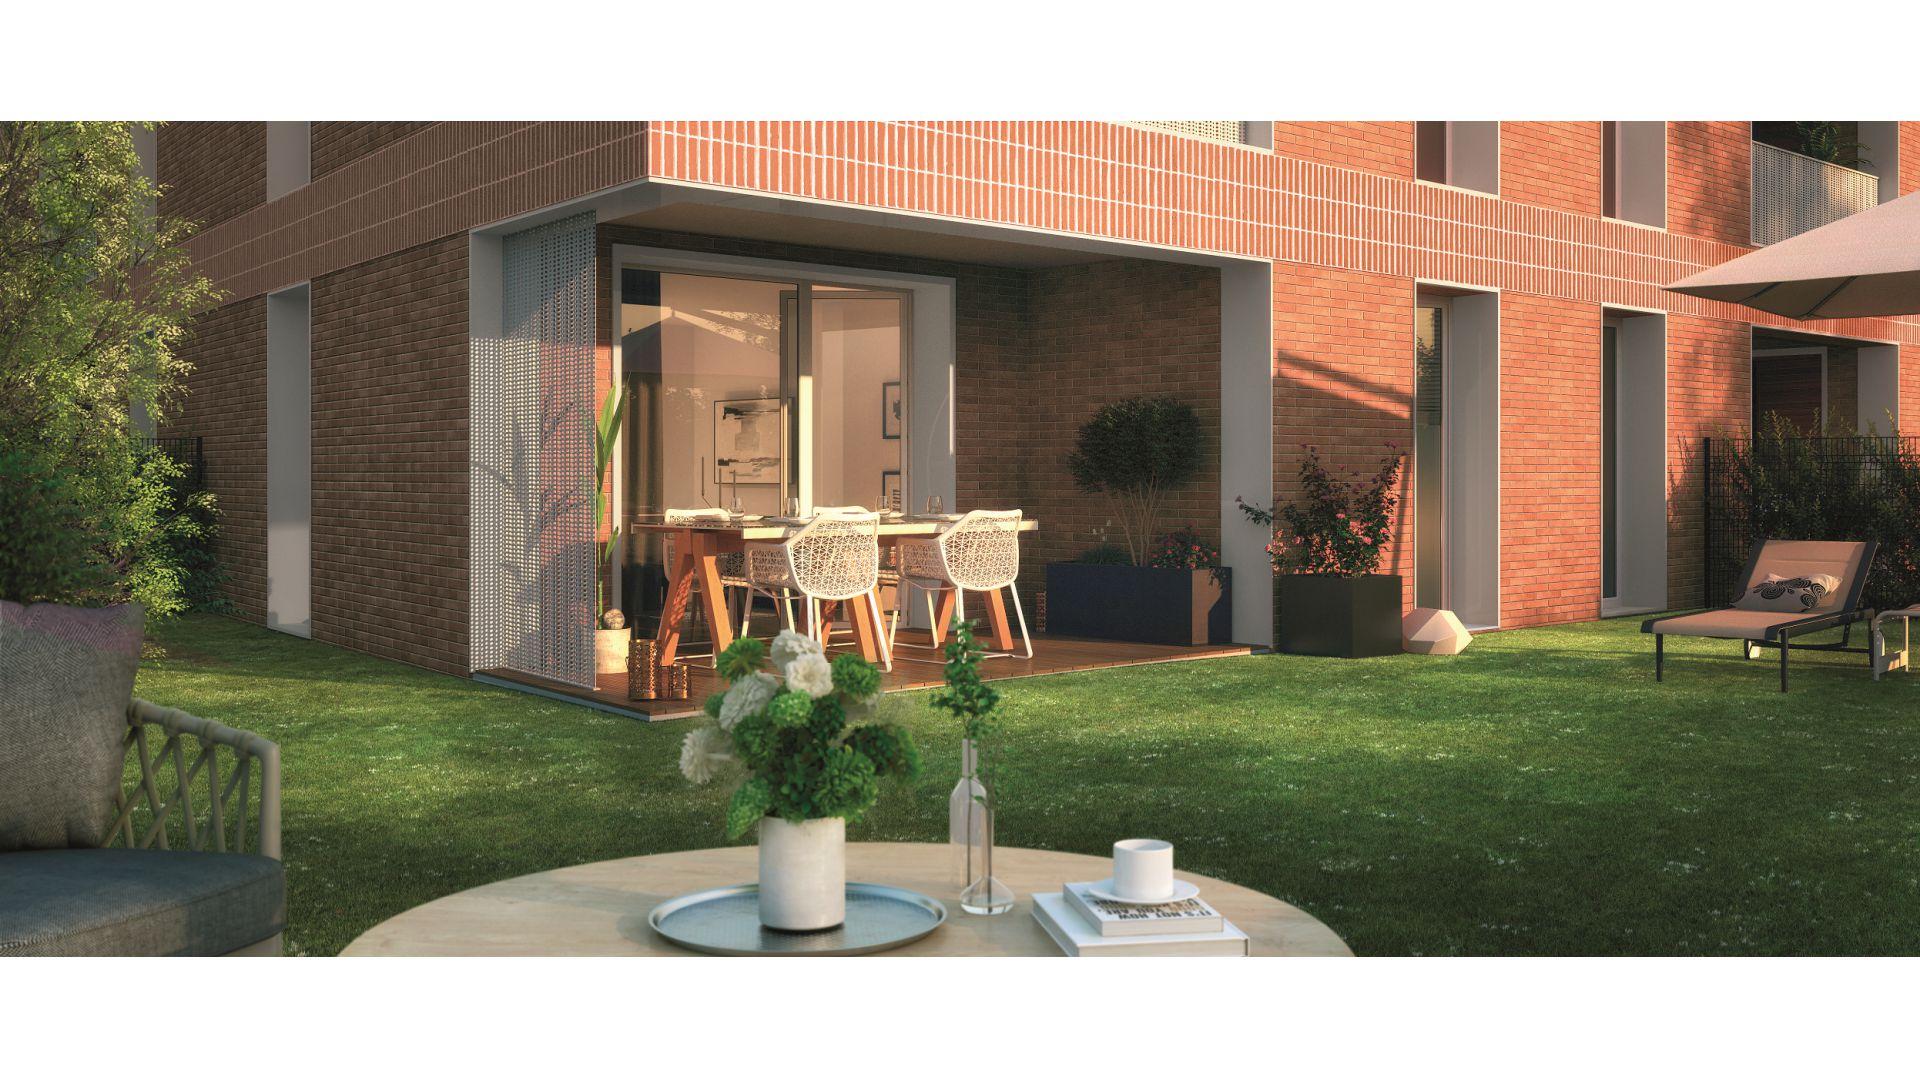 GreenCity immobilier - Saint-Jory - 31790 - Résidence Le Mas Séréna - appartements neufs du T2 au T3  - vue terrasse